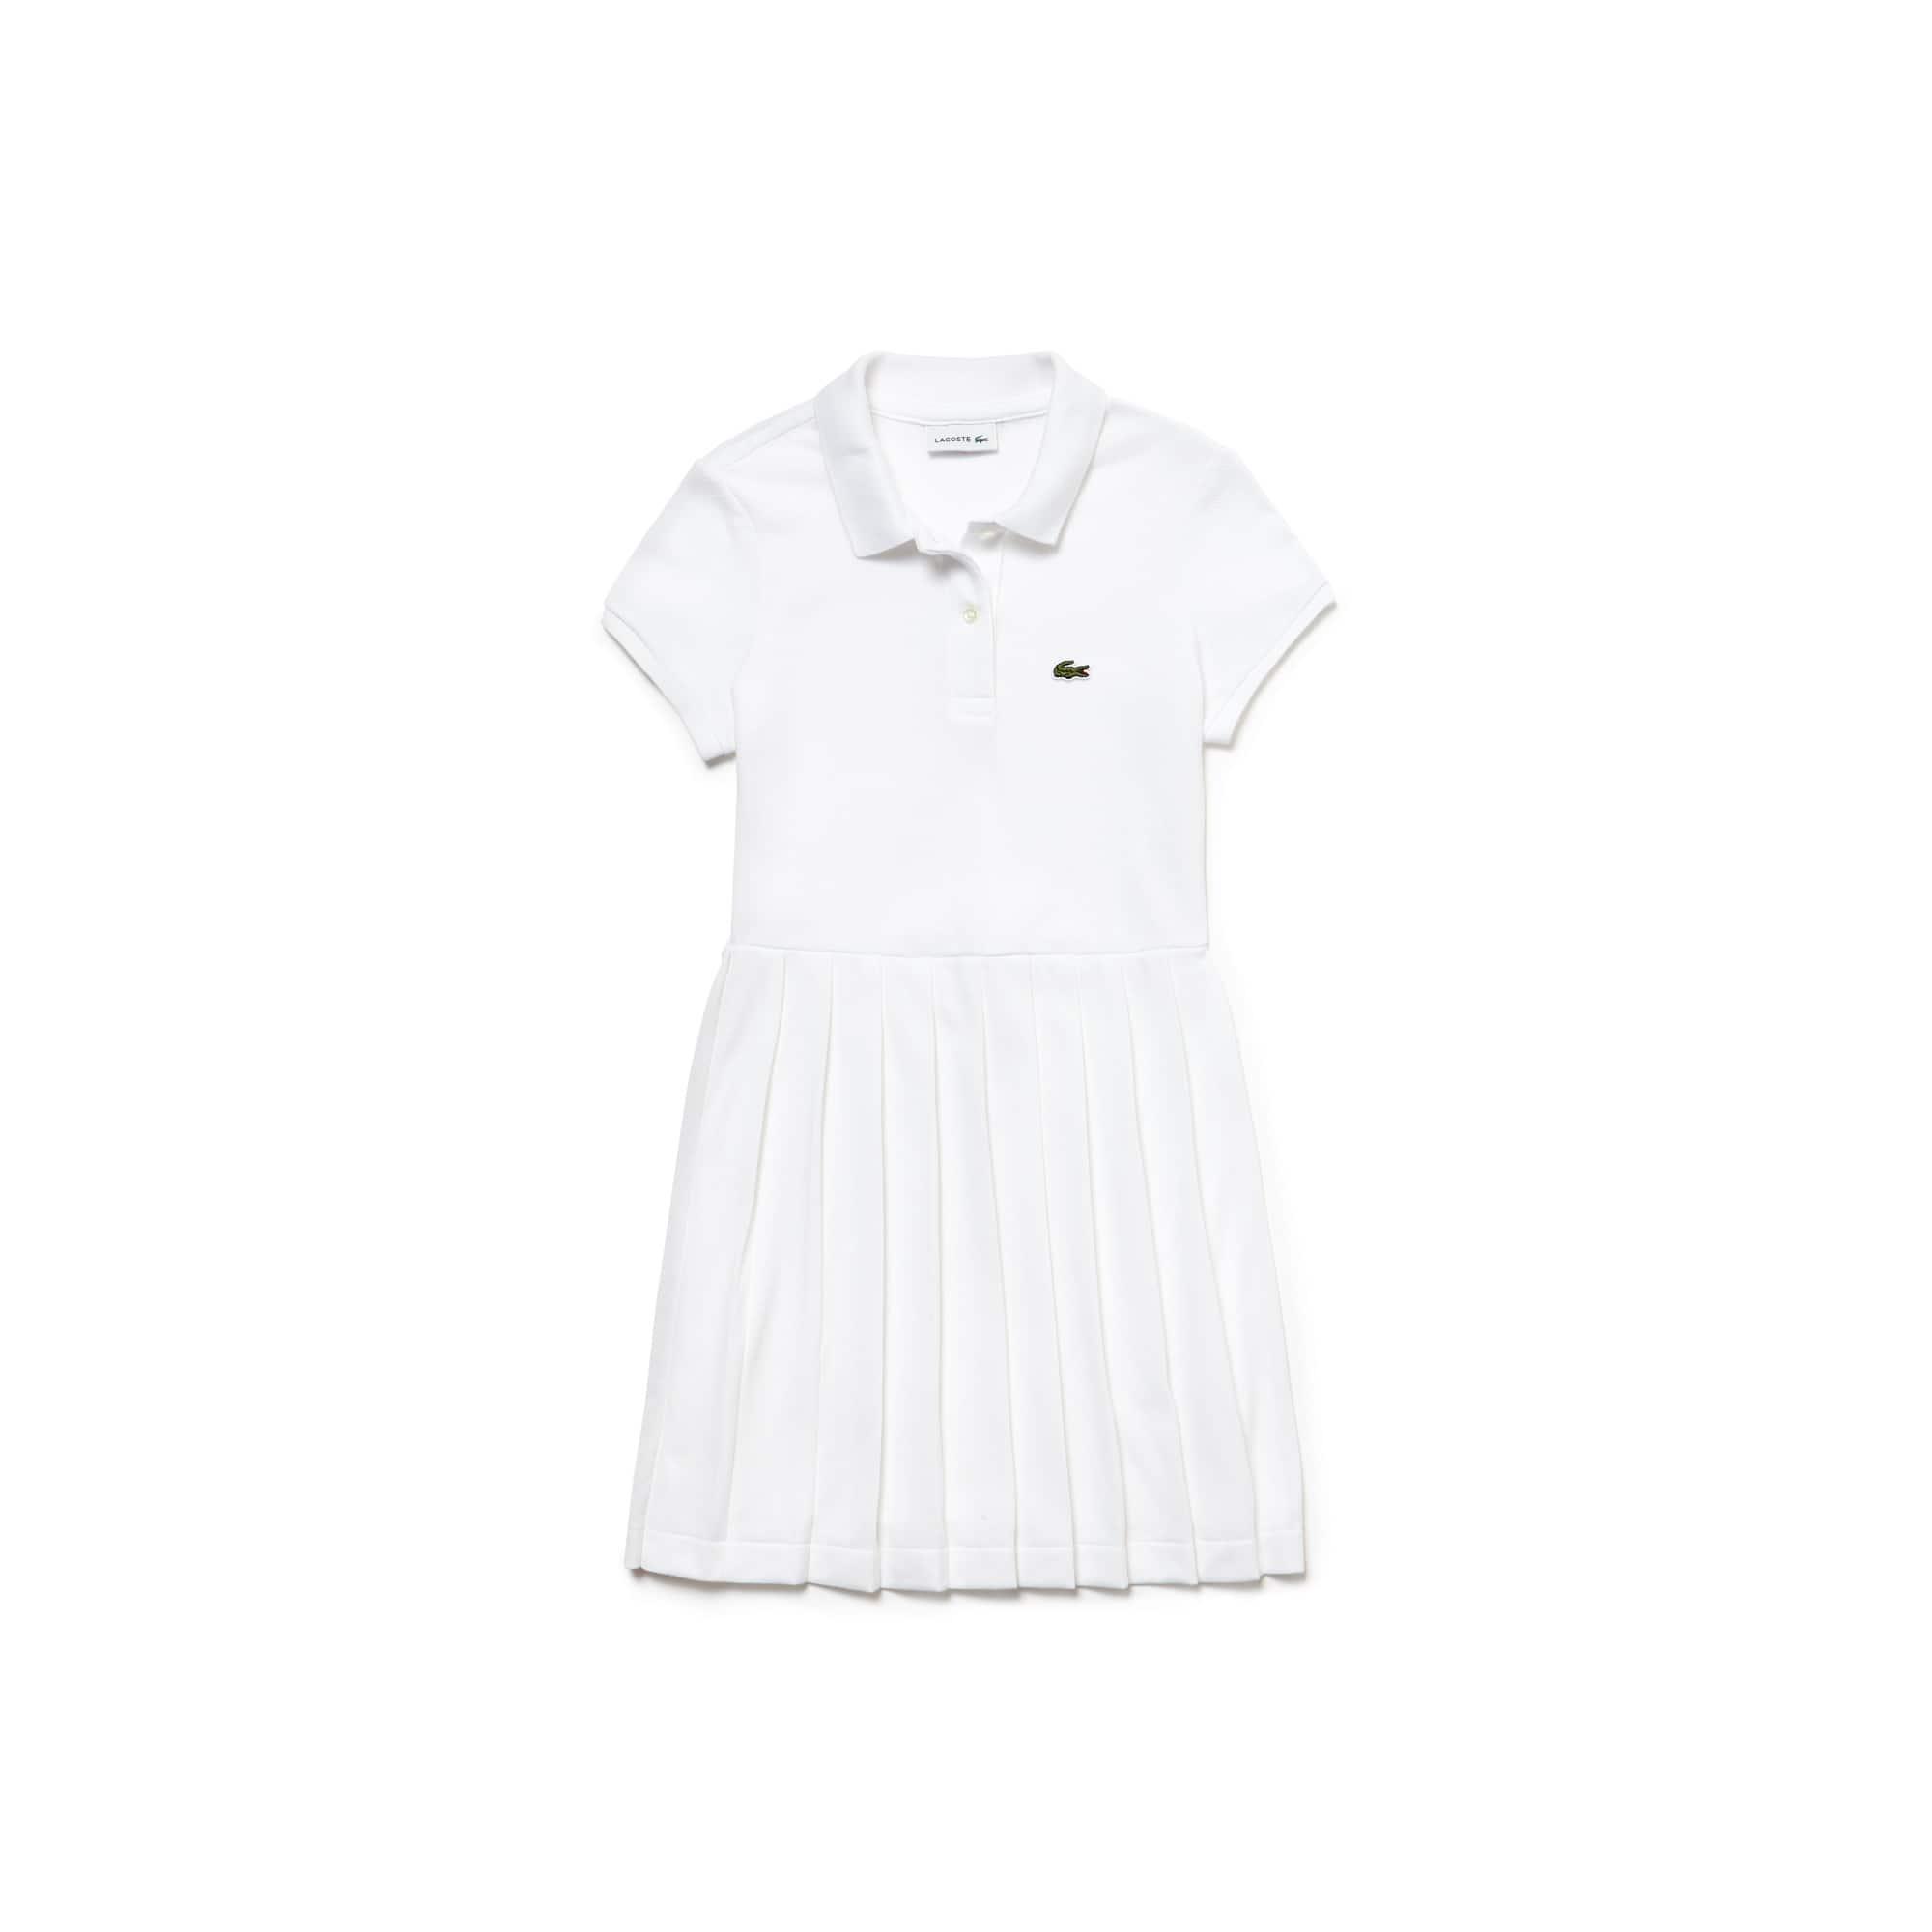 Vestido tipo polo plisado de pequeño piqué de algodón liso